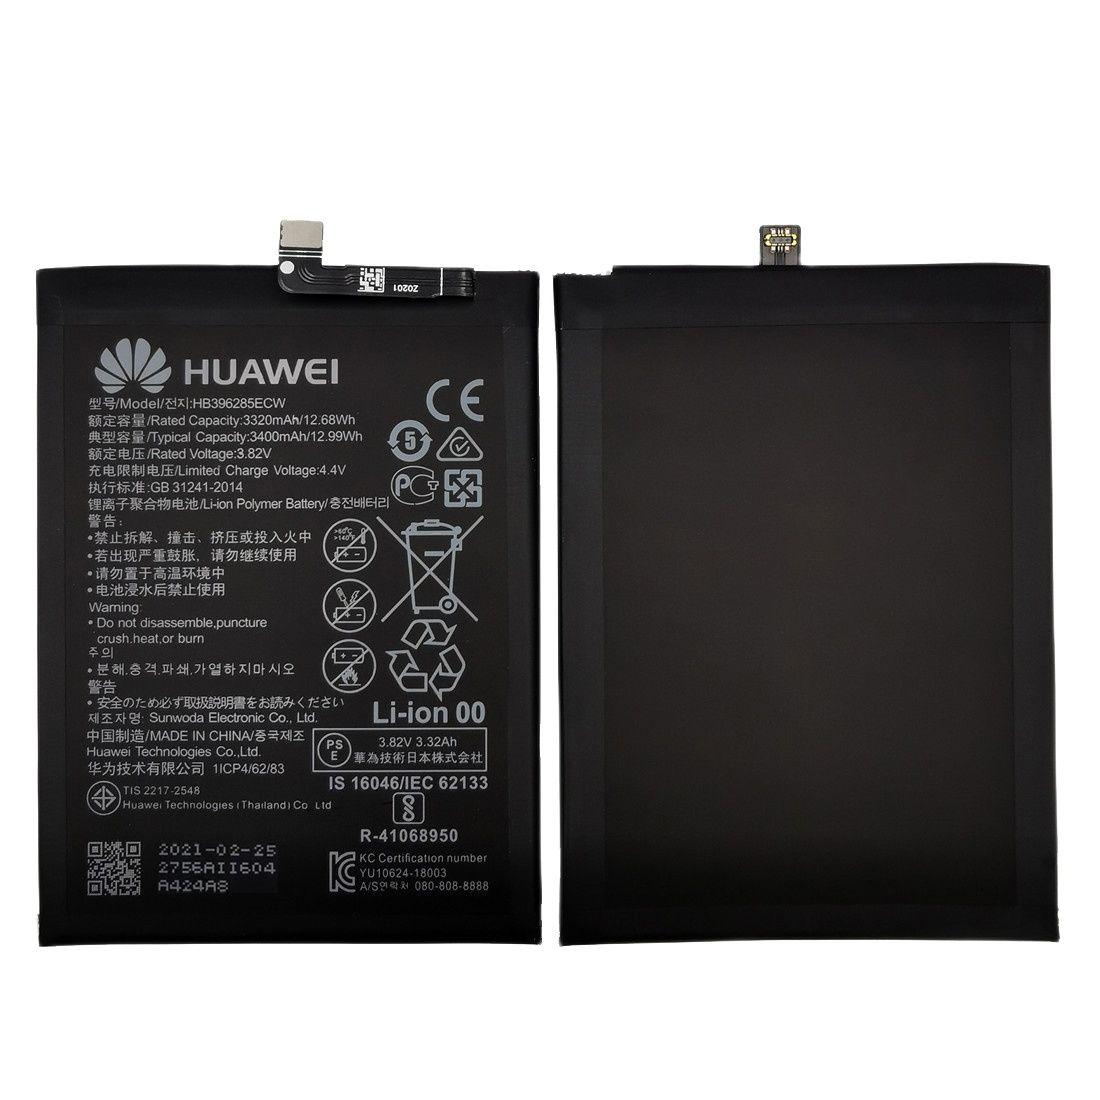 ForHua Wei 3400mAh HB396285ECW Battery For Huawei P20 10 COL-AL00 COL-AL10 COL-TL00 COL-TL10 COL-L29 + Toolkit enlarge